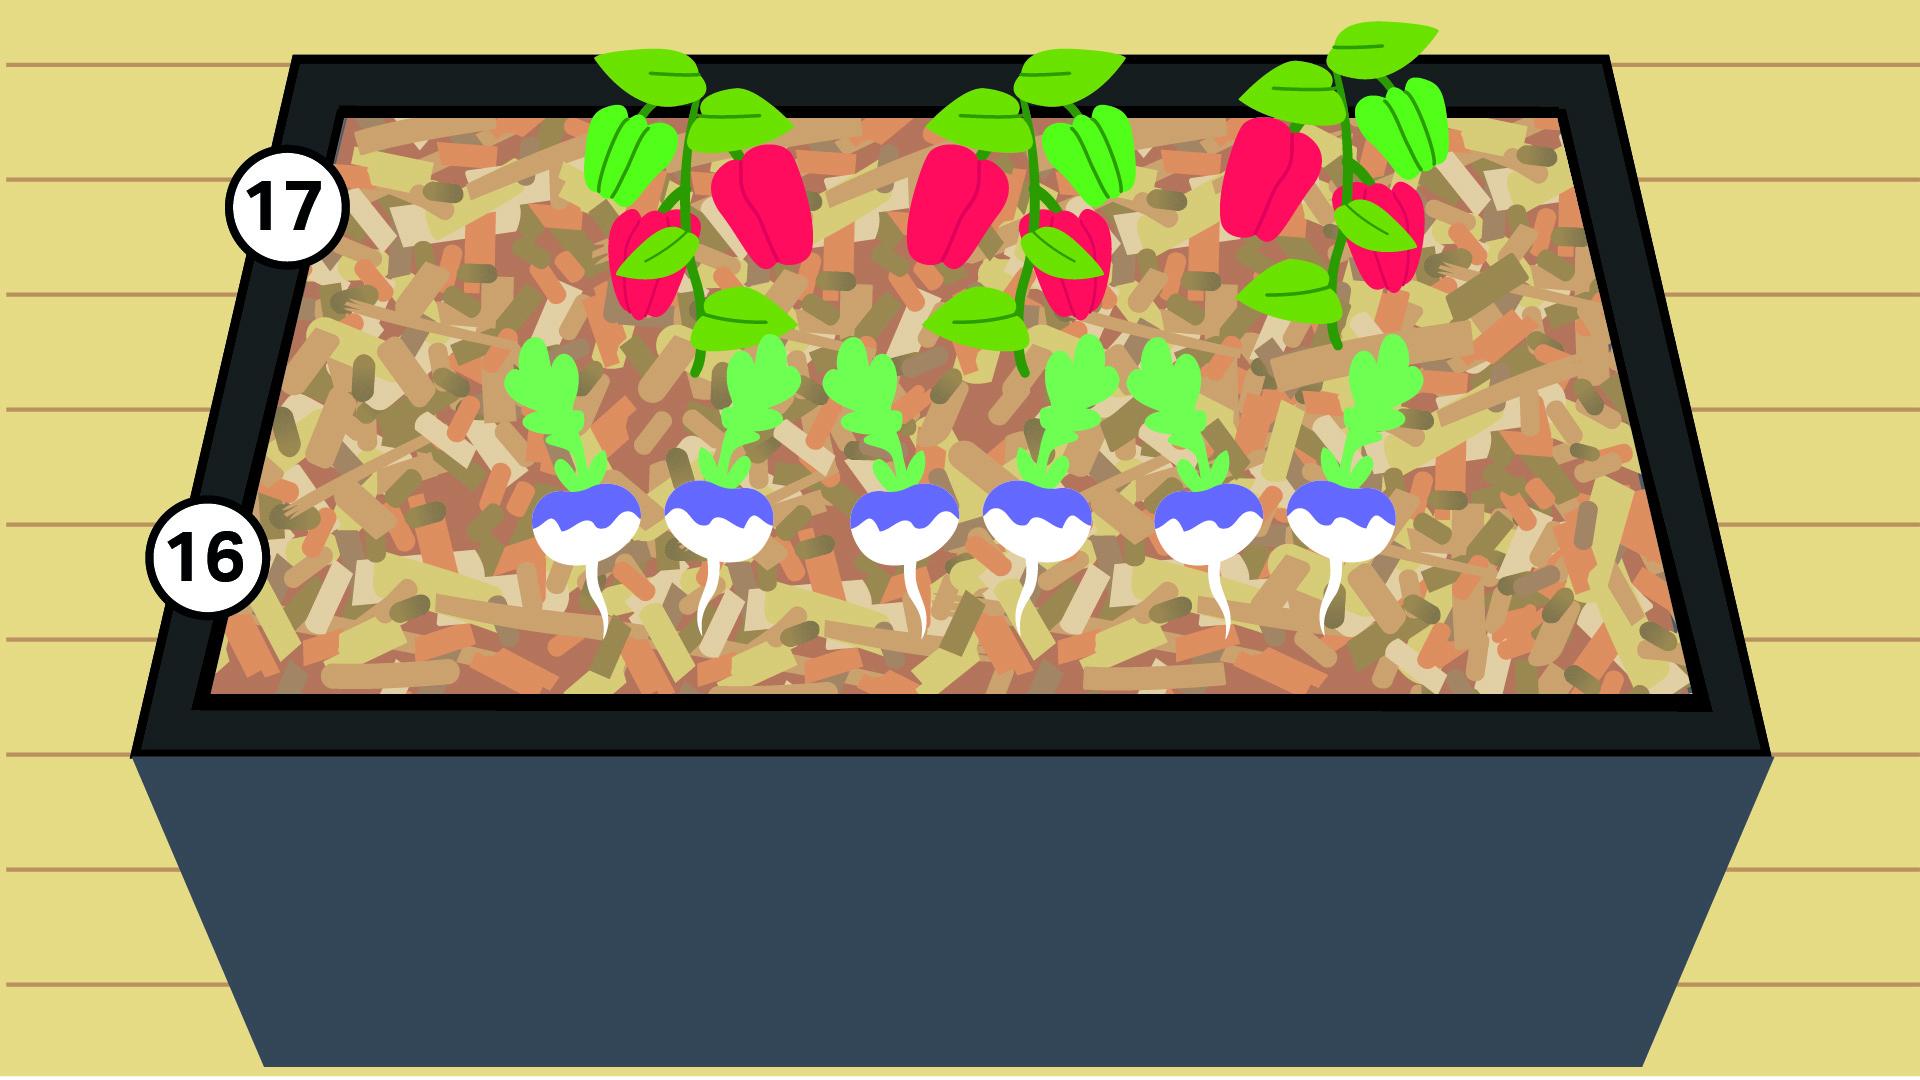 16 - Poivron 17 - Navet (panais ou radis noirs possibles)